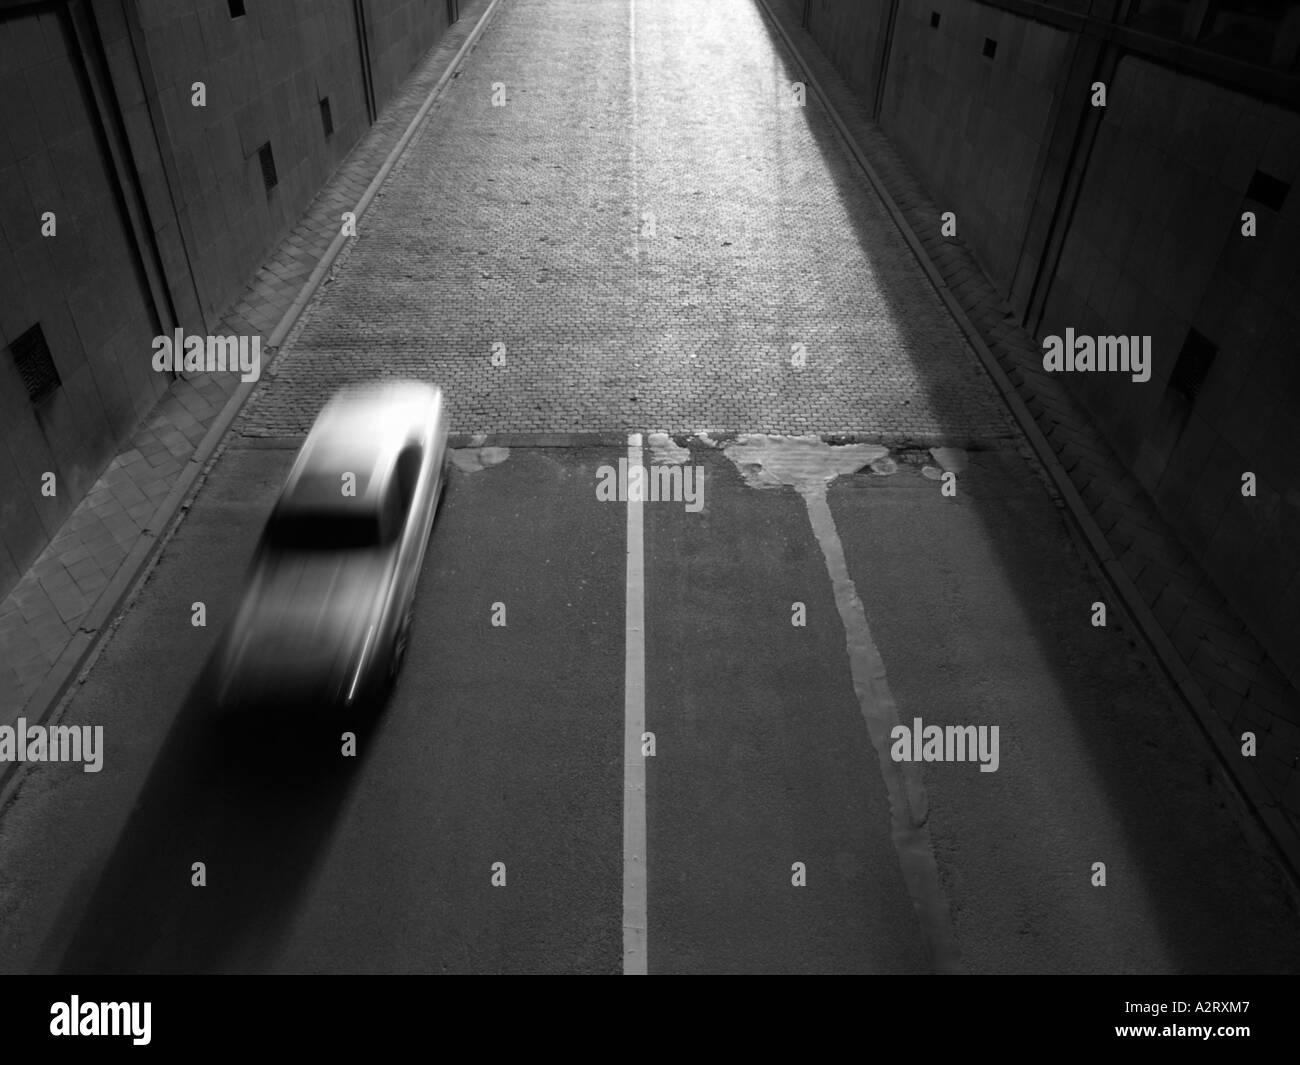 Coche de plata Mercedes acelera hacia tunnel Bruselas Bélgica motion blur monocroma en blanco y negro Imagen De Stock